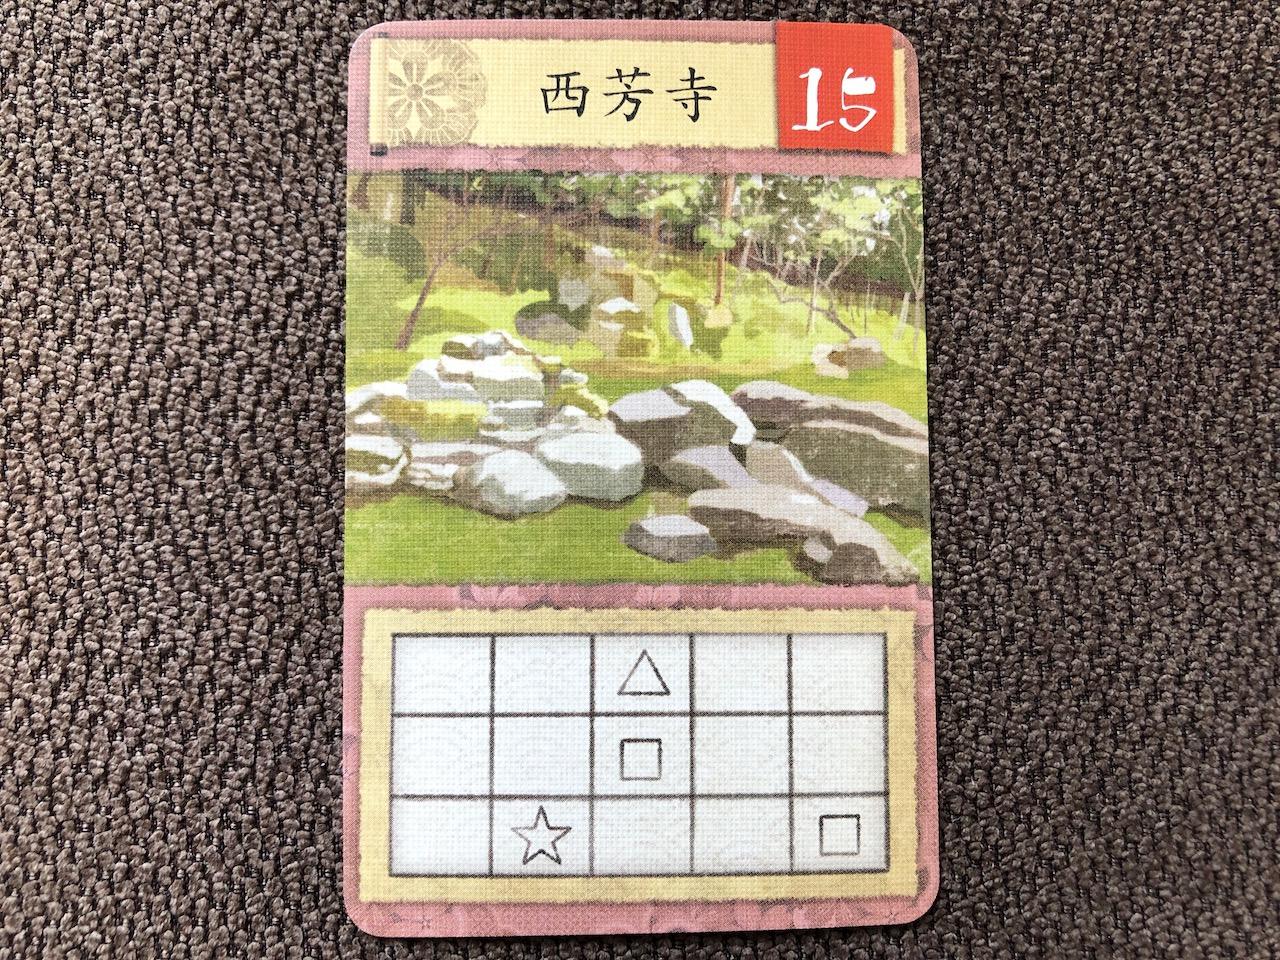 「西芳寺」の名庭園カード(15点)